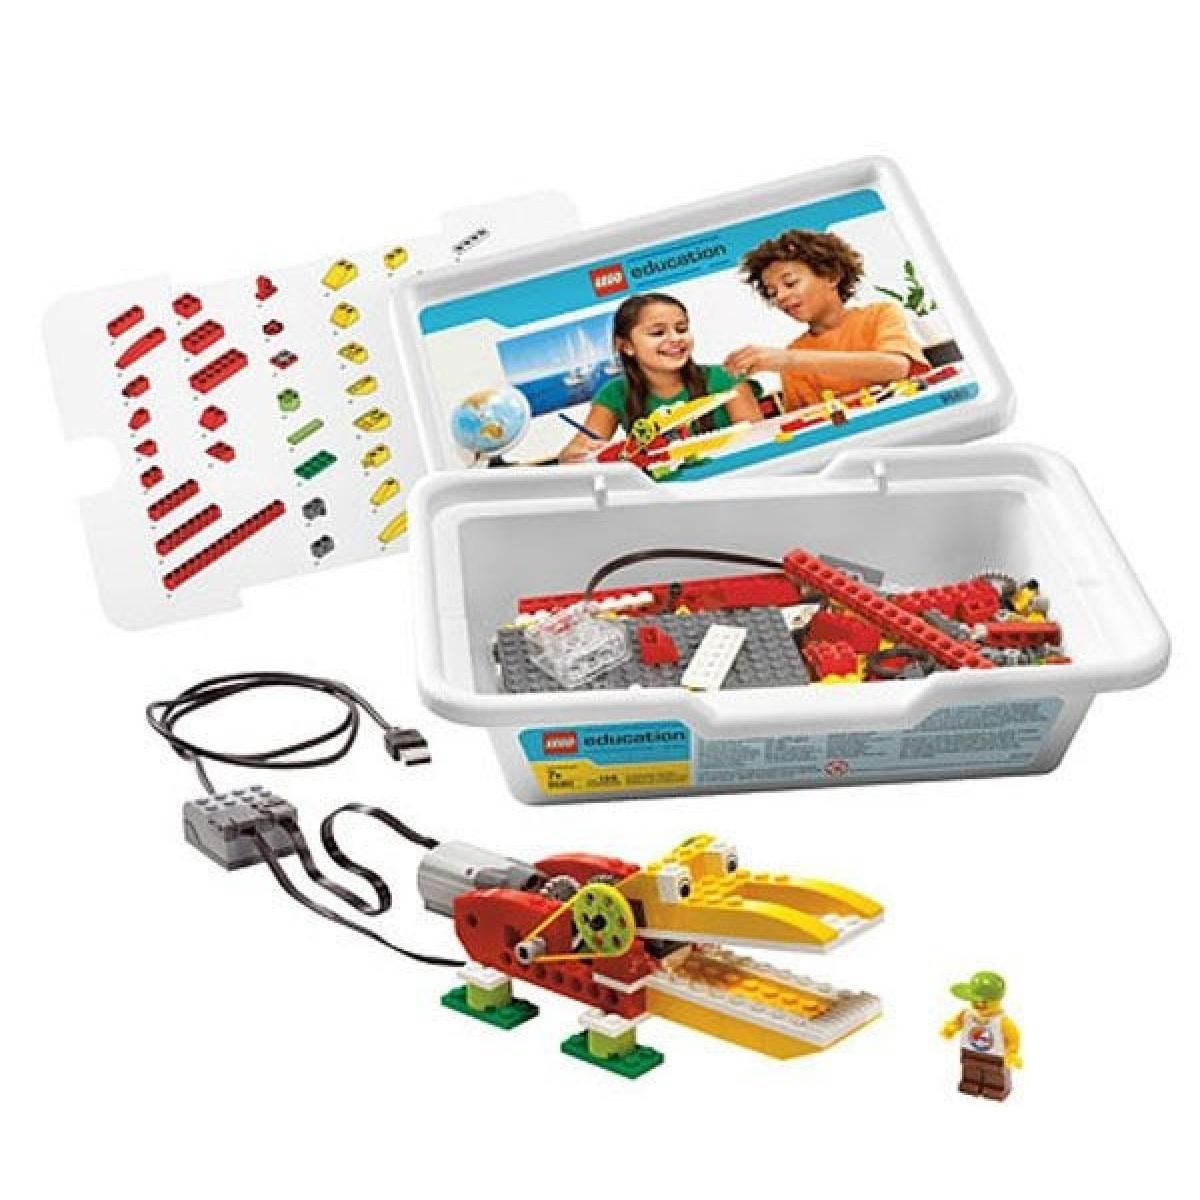 Программируемый робот LEGO 9580 Купить Лего 9580 и другие конструкторы серии Lego Education вы можете...